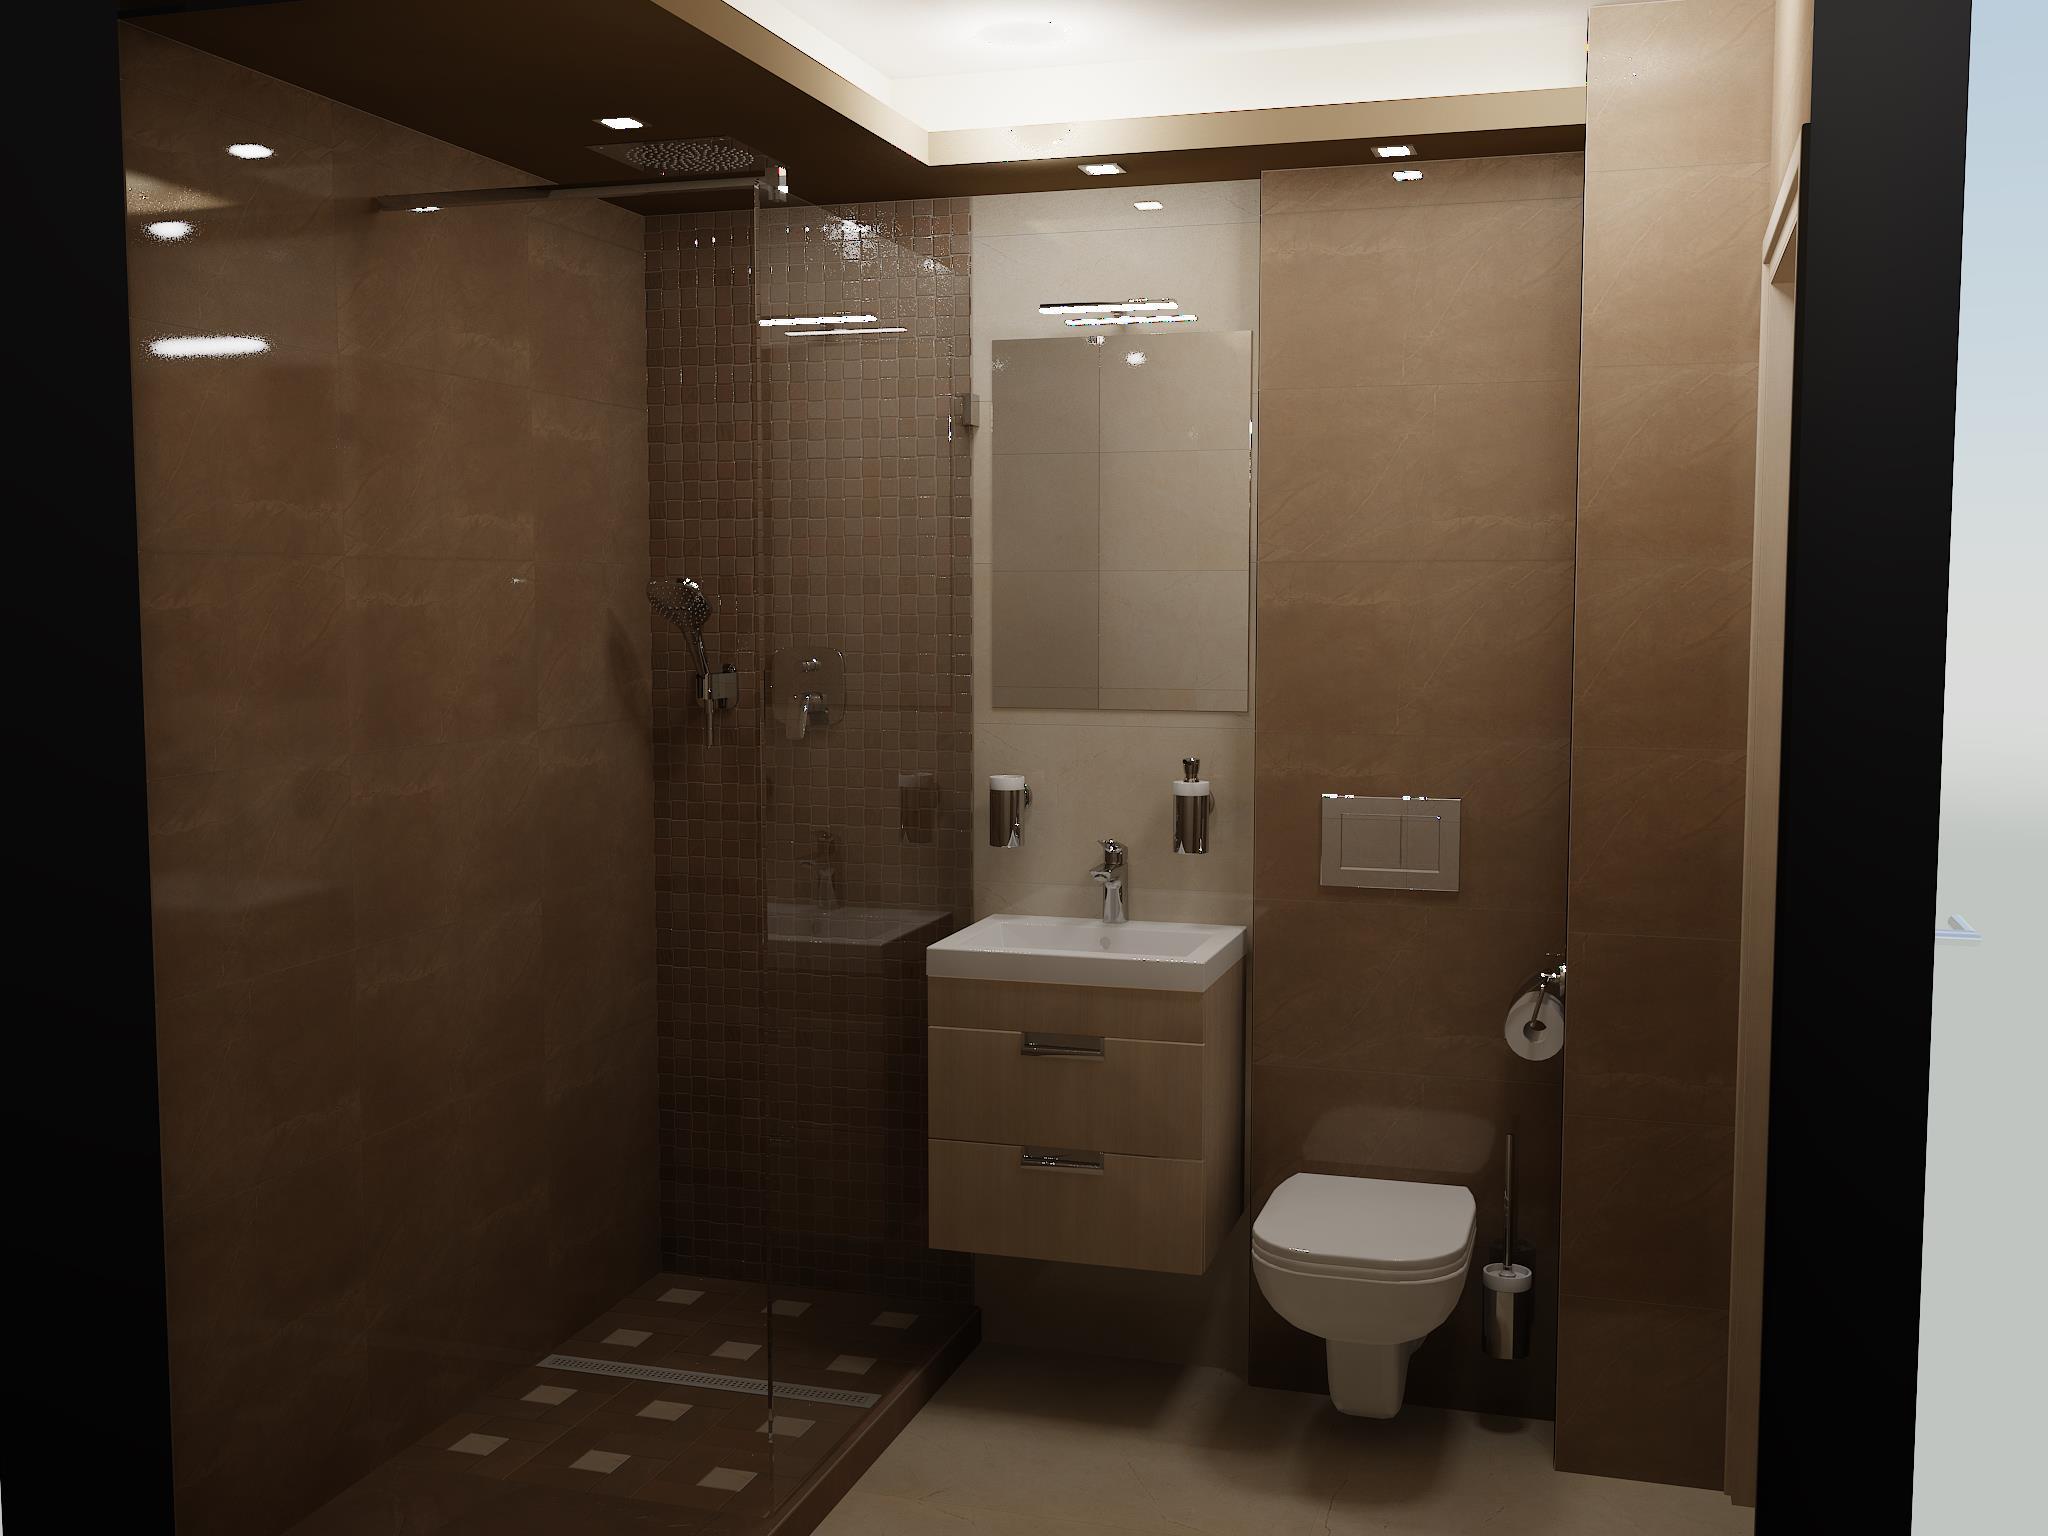 Panel fürdő Bathroom By vpeter22(Átrium Burkolat Kerámia Kft ) on ViSoft360 Portal